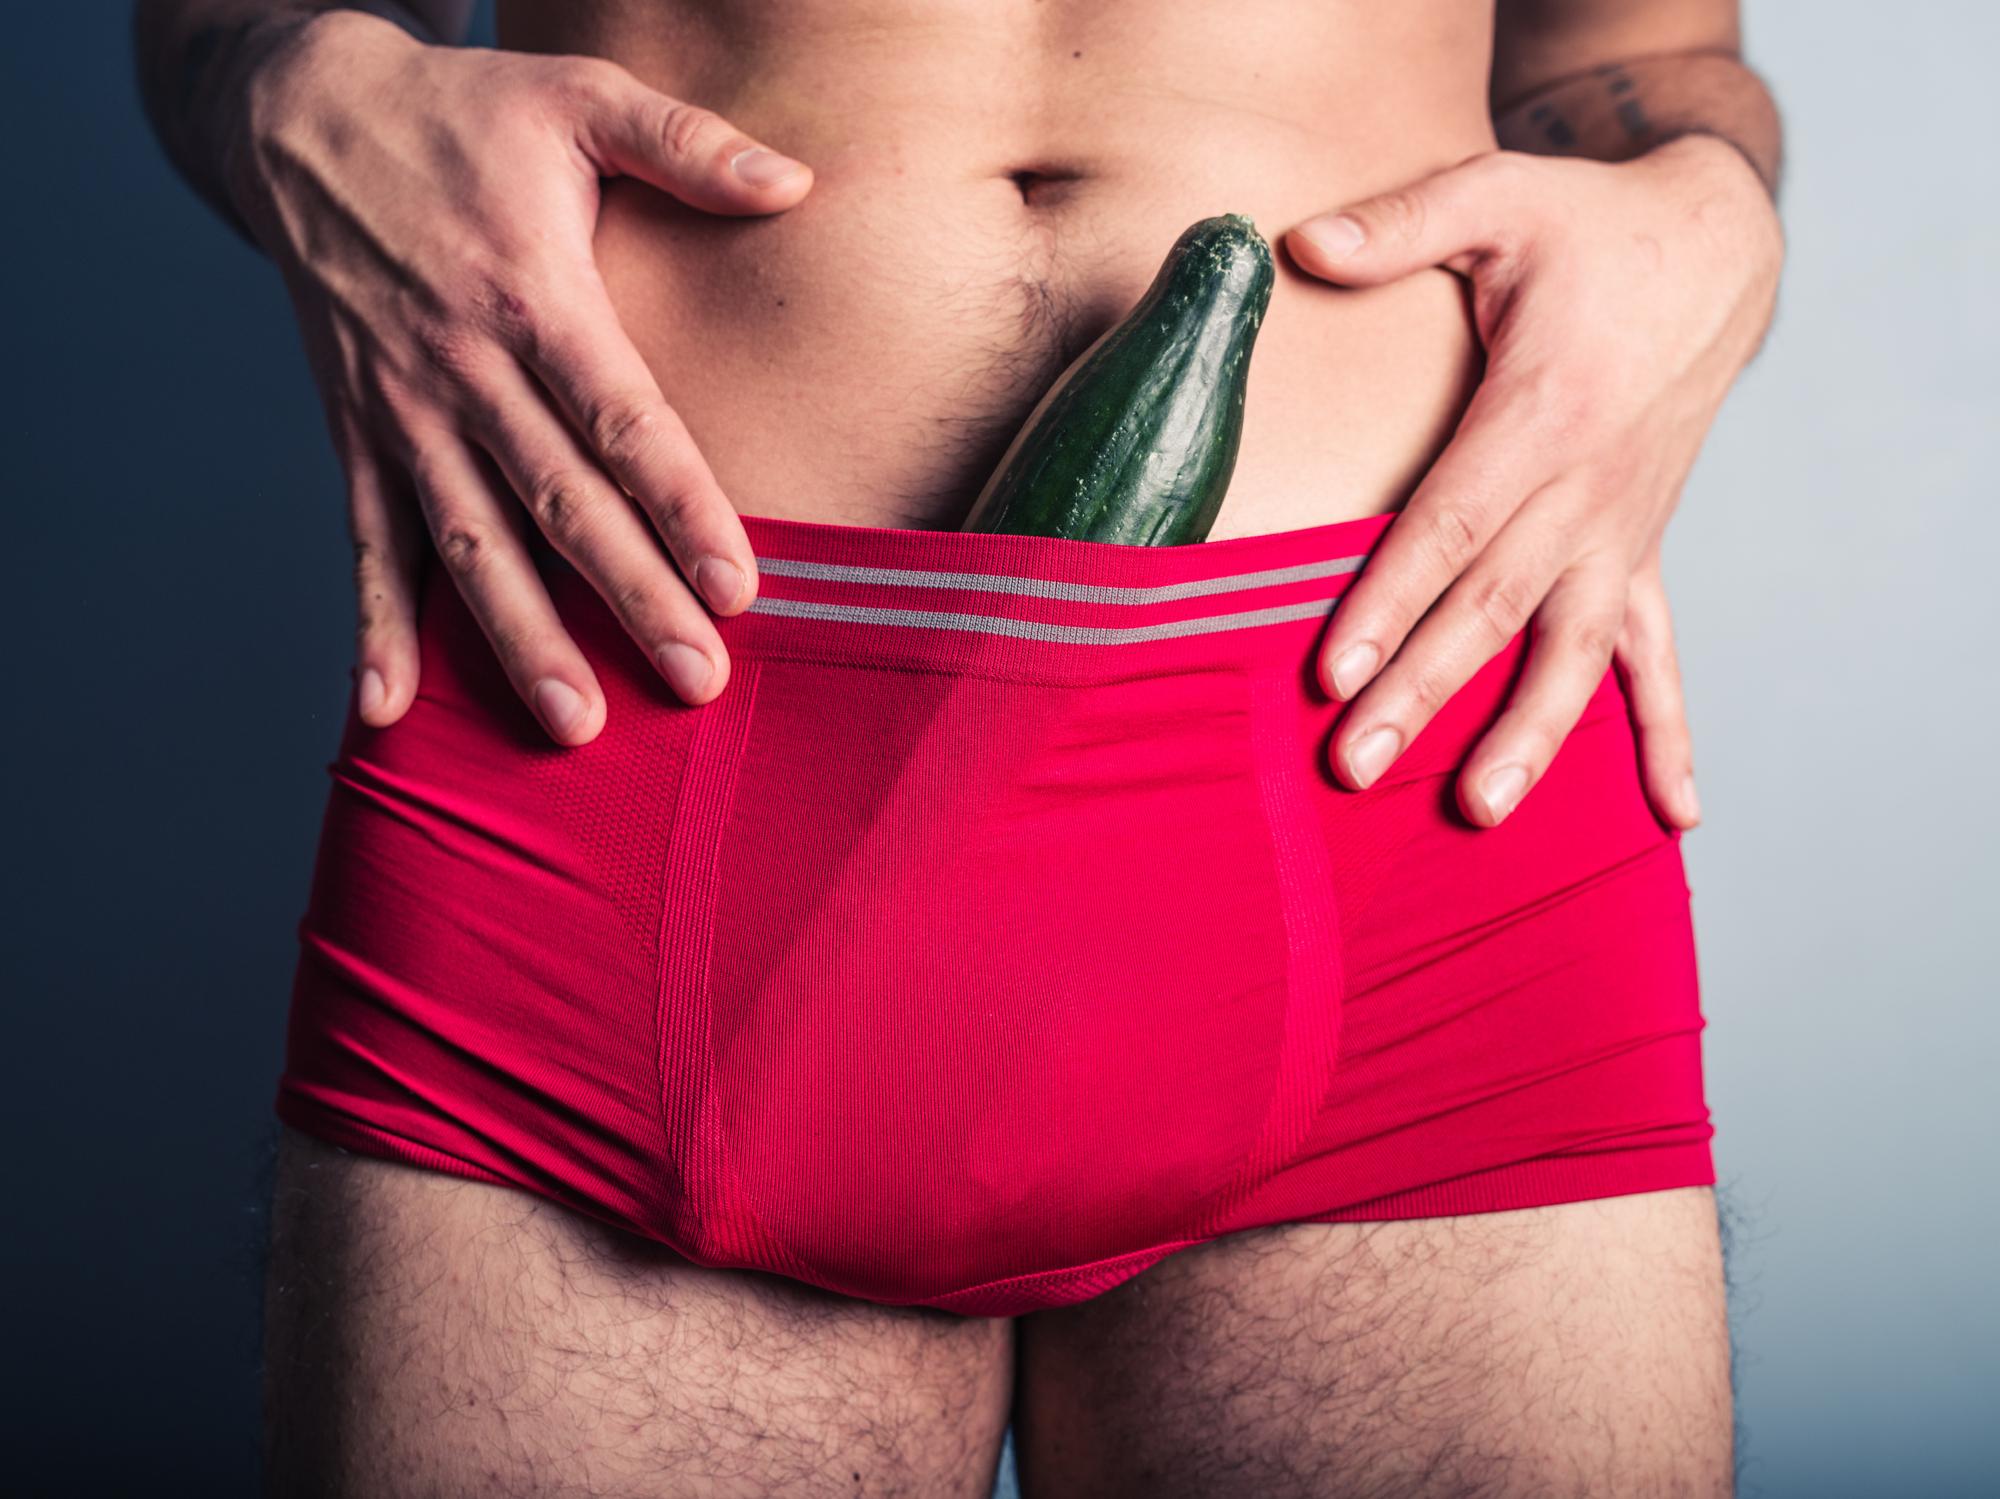 mit tegyek, hogy a férjemnek pénisze legyen